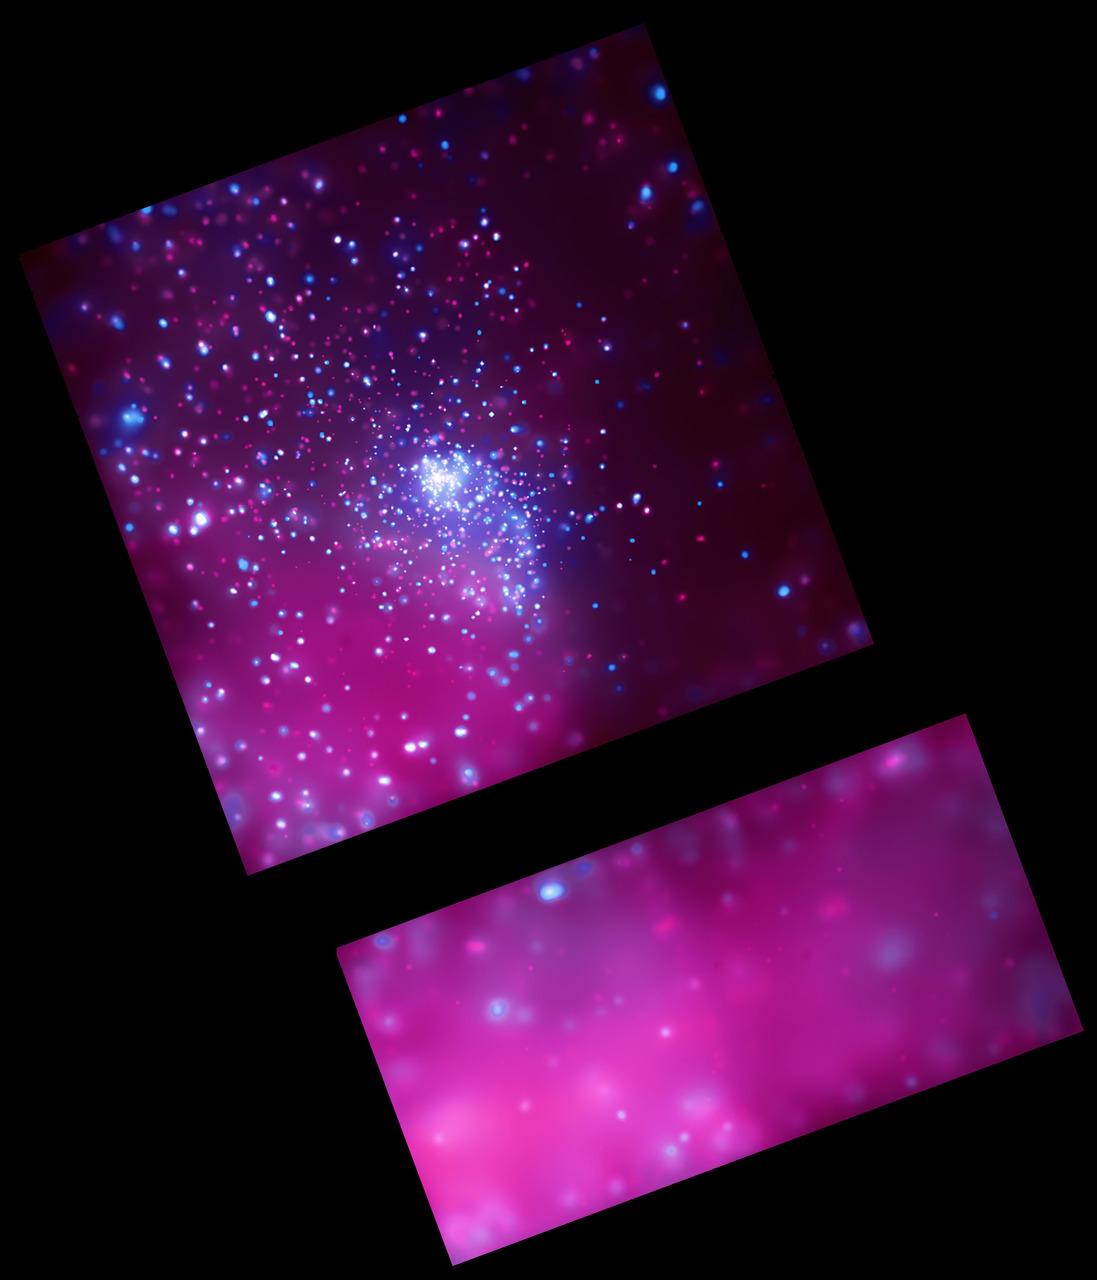 Chandra_301_1280